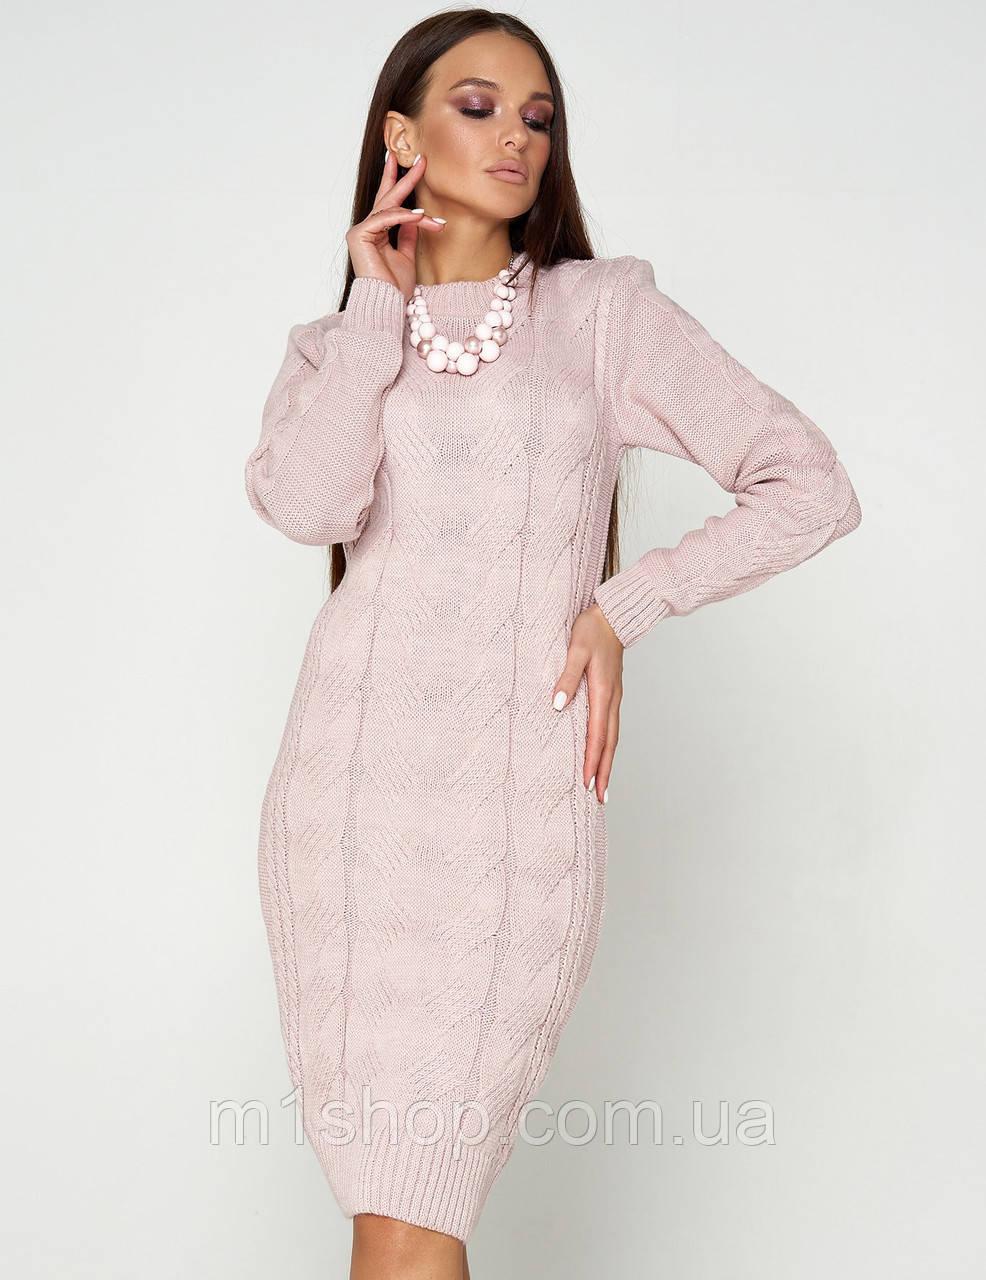 Женское теплое вязаное платье-футляр (Кемер 07jd)